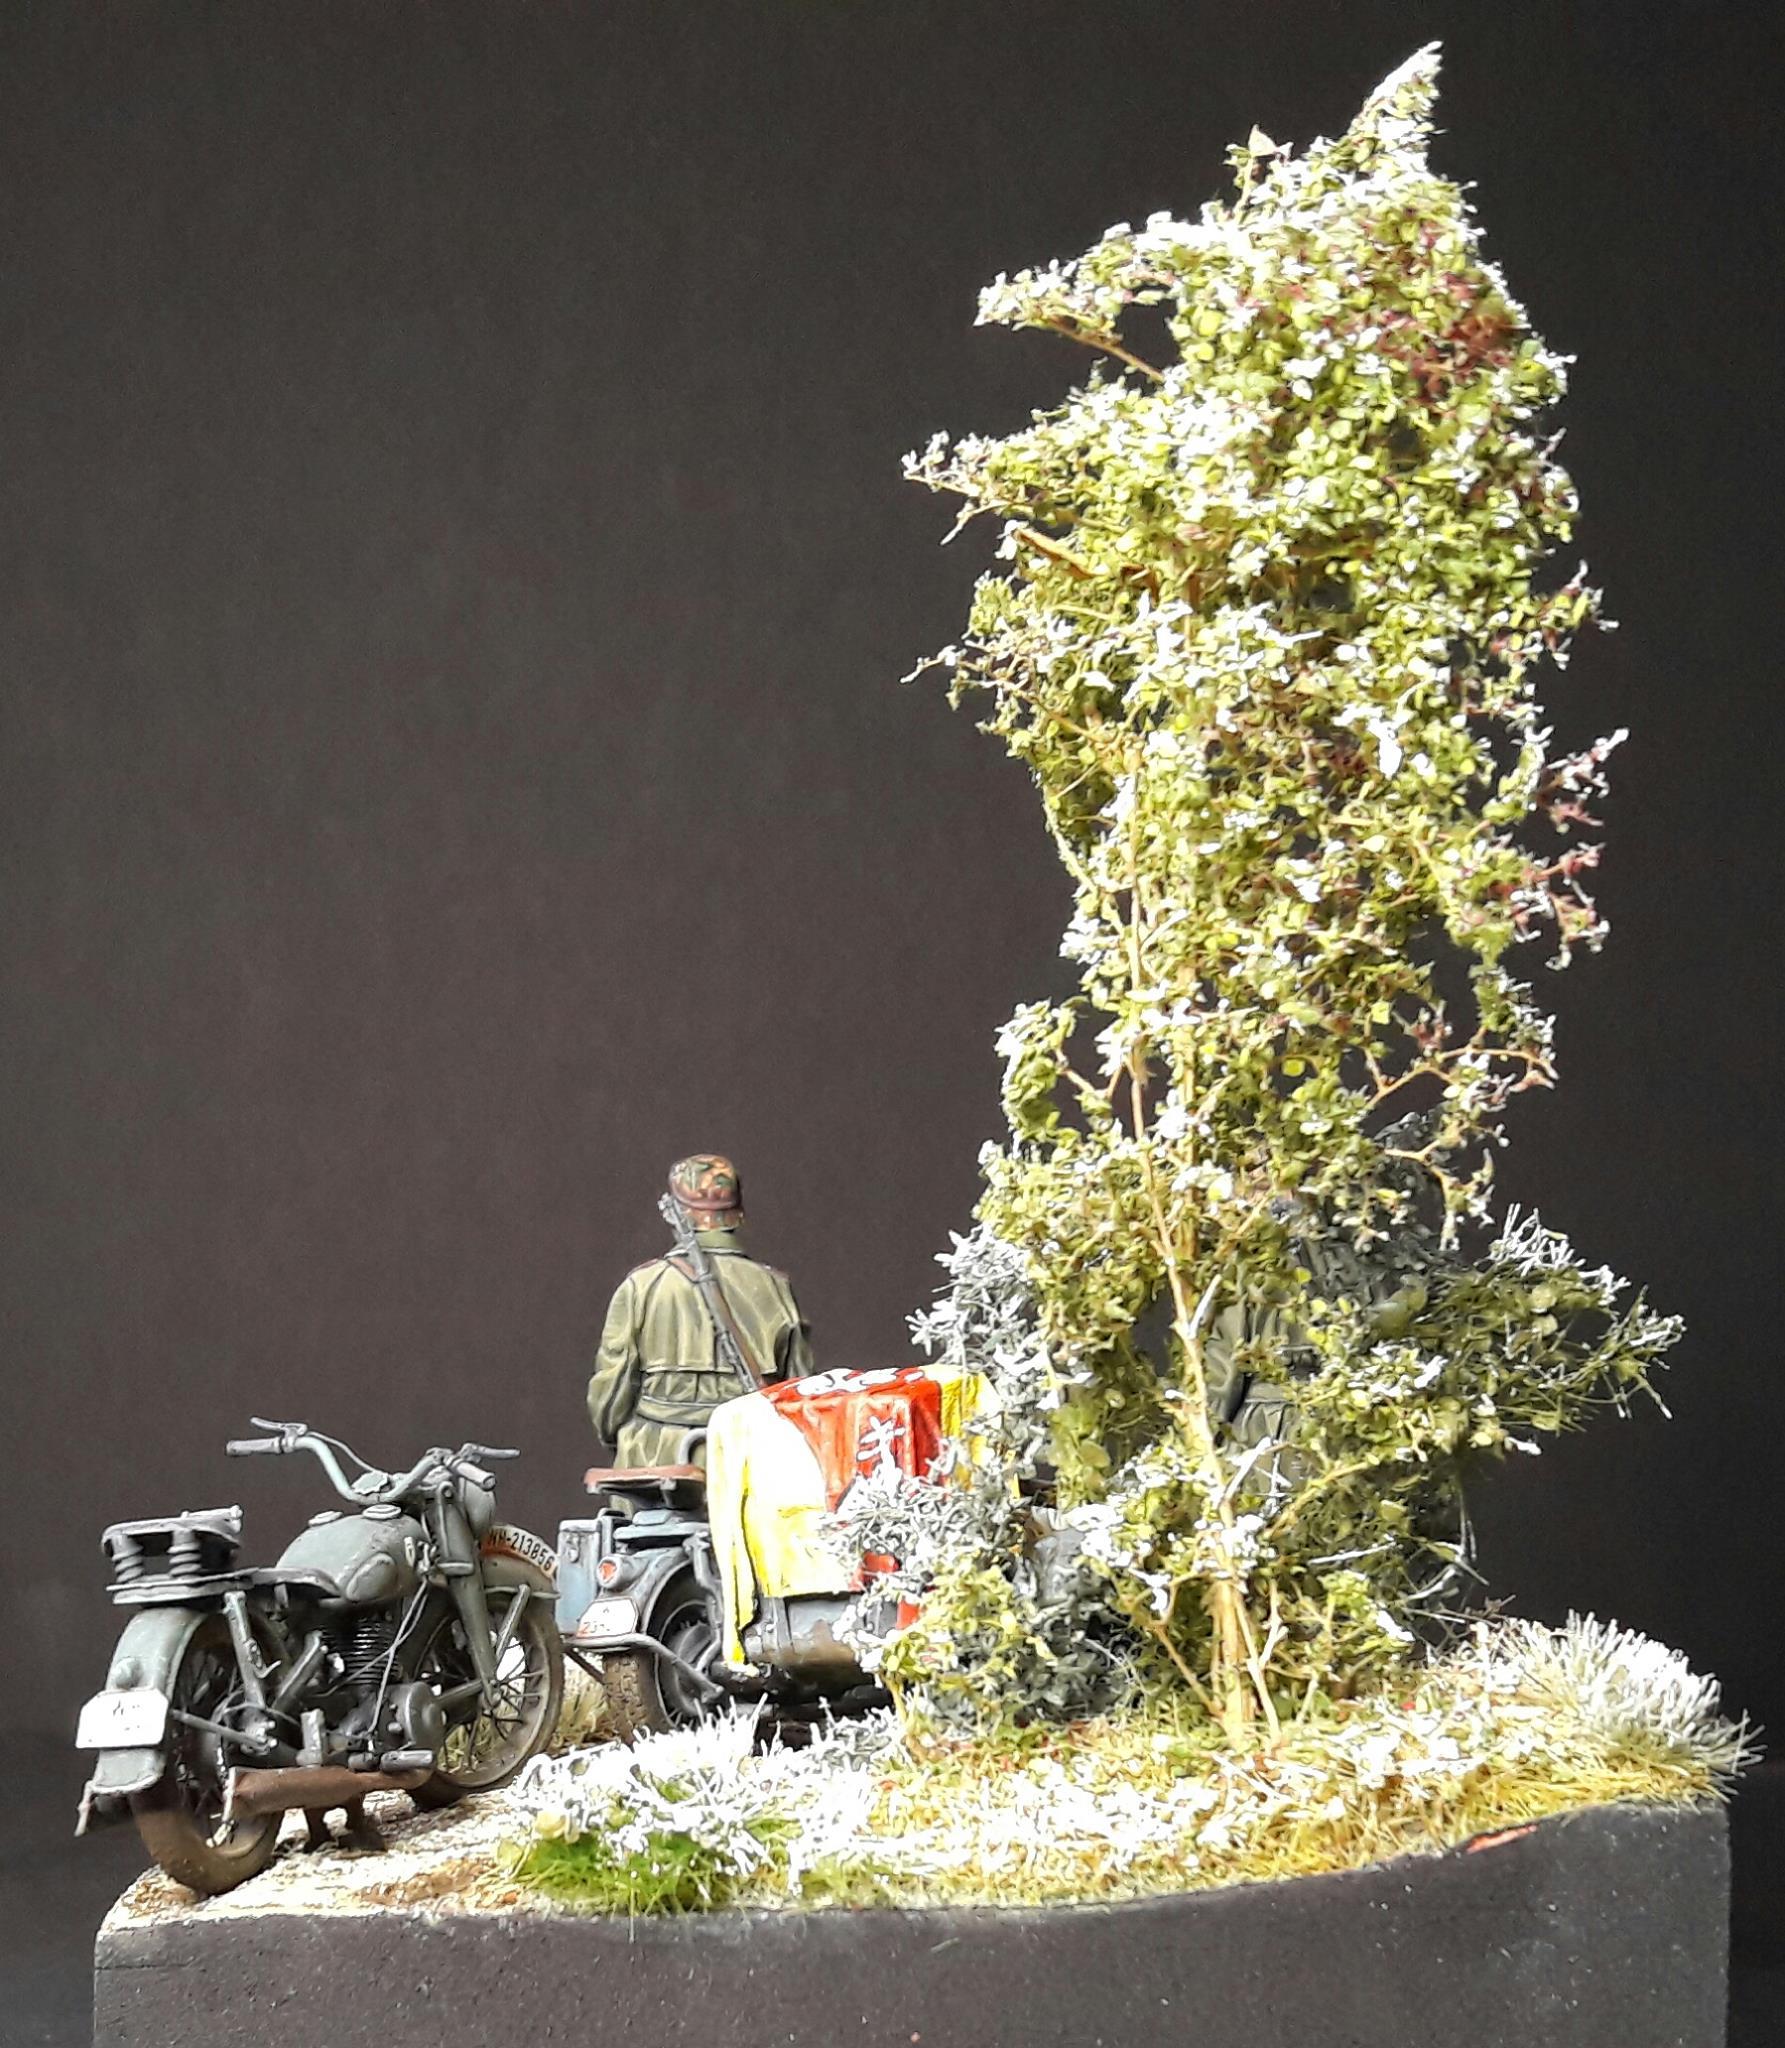 Zündapp KS750 - Sidecar - Great Wall Hobby + figurines Alpine - 1/35 - Page 5 309414201329451021180584831619390016395o